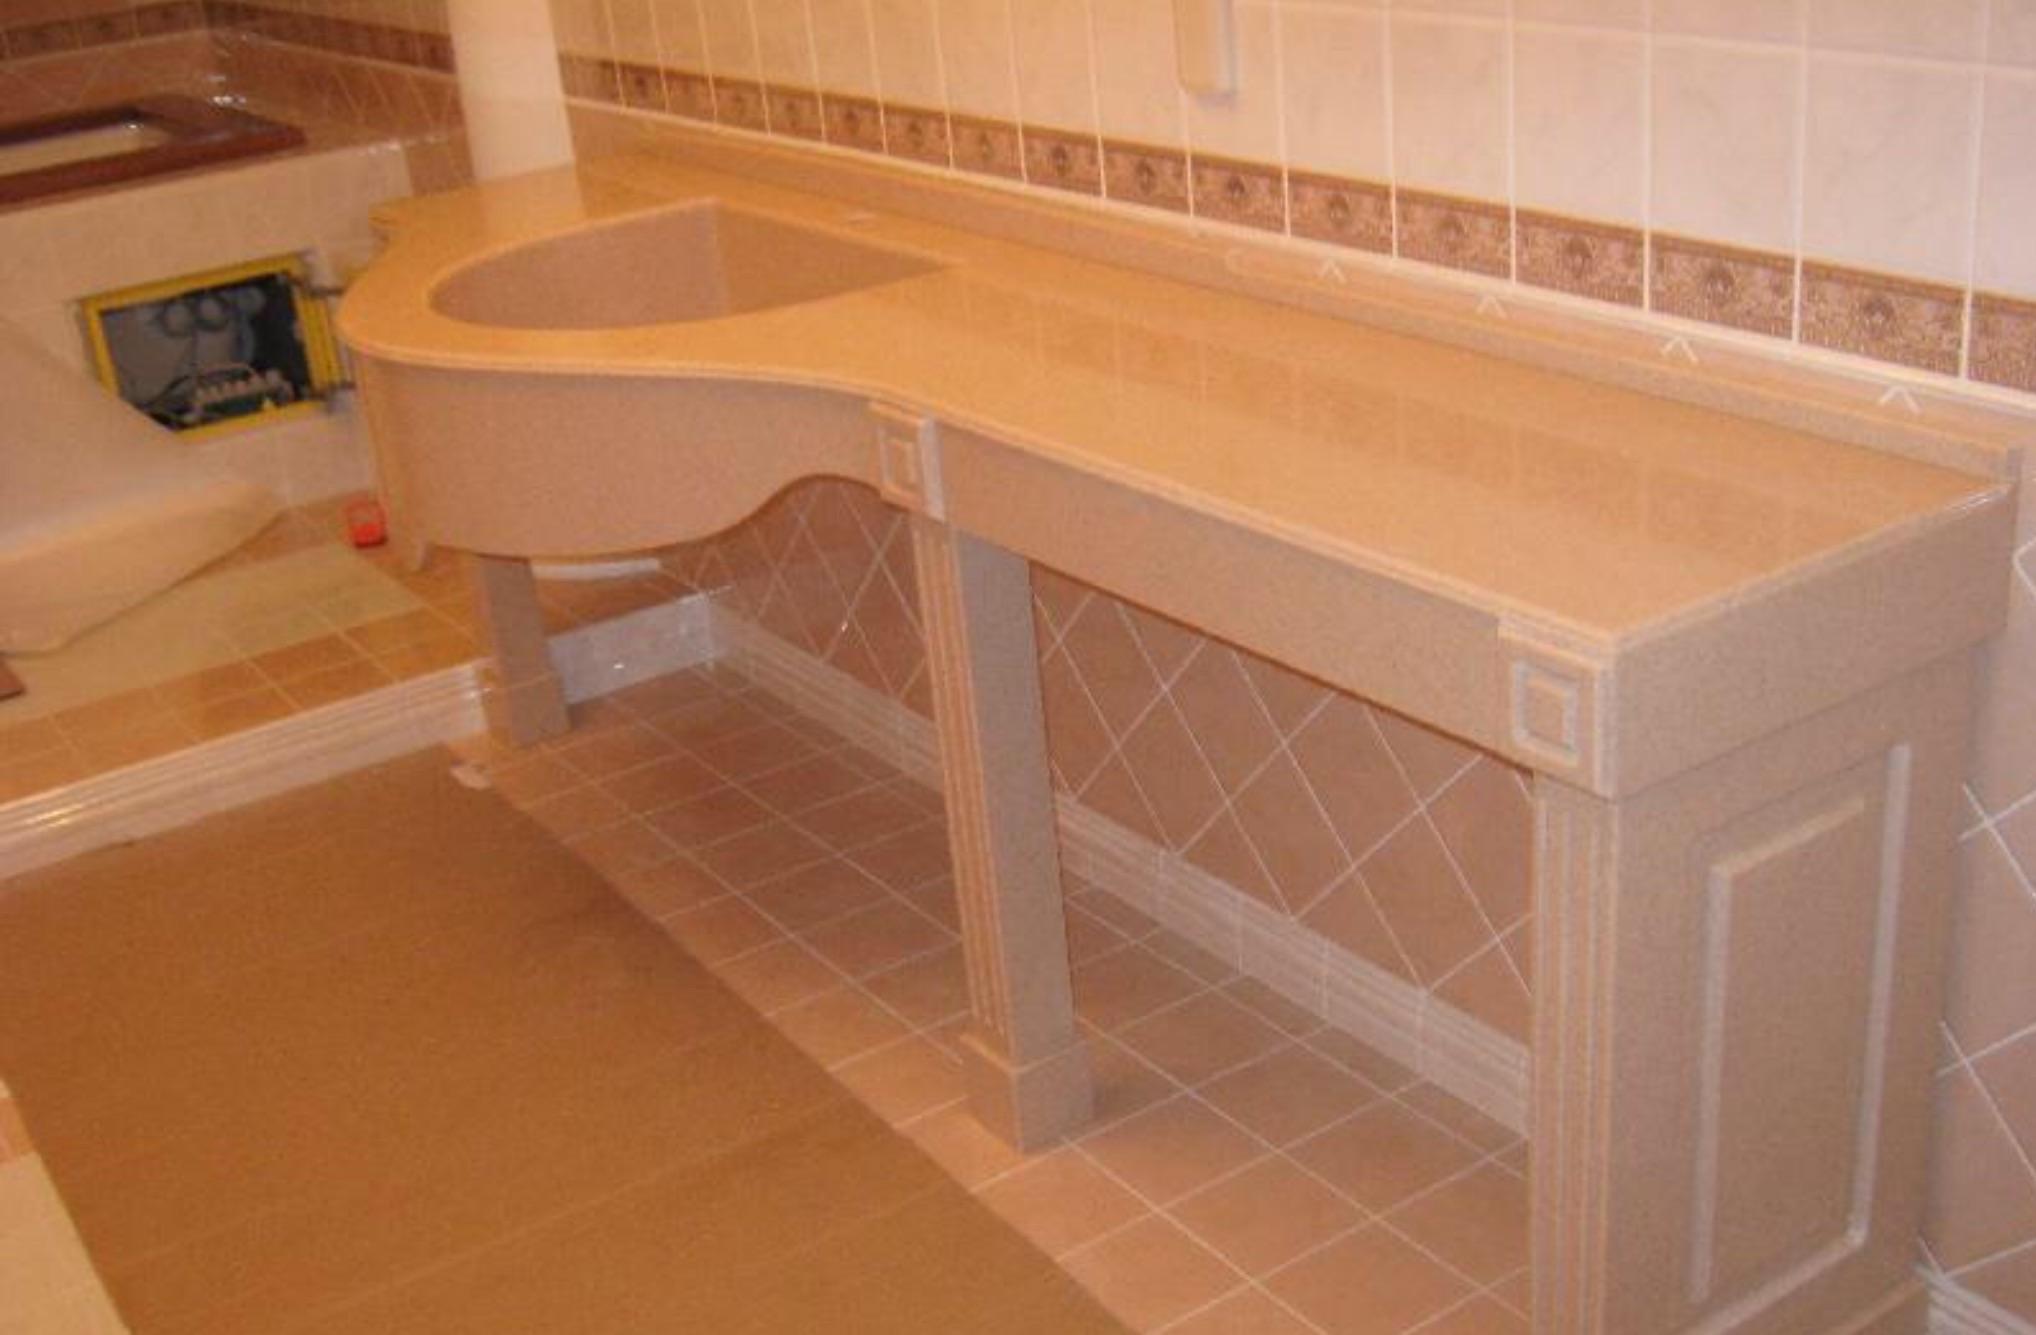 ТОП-7 идей как сделать тумбу для ванной своими руками 46